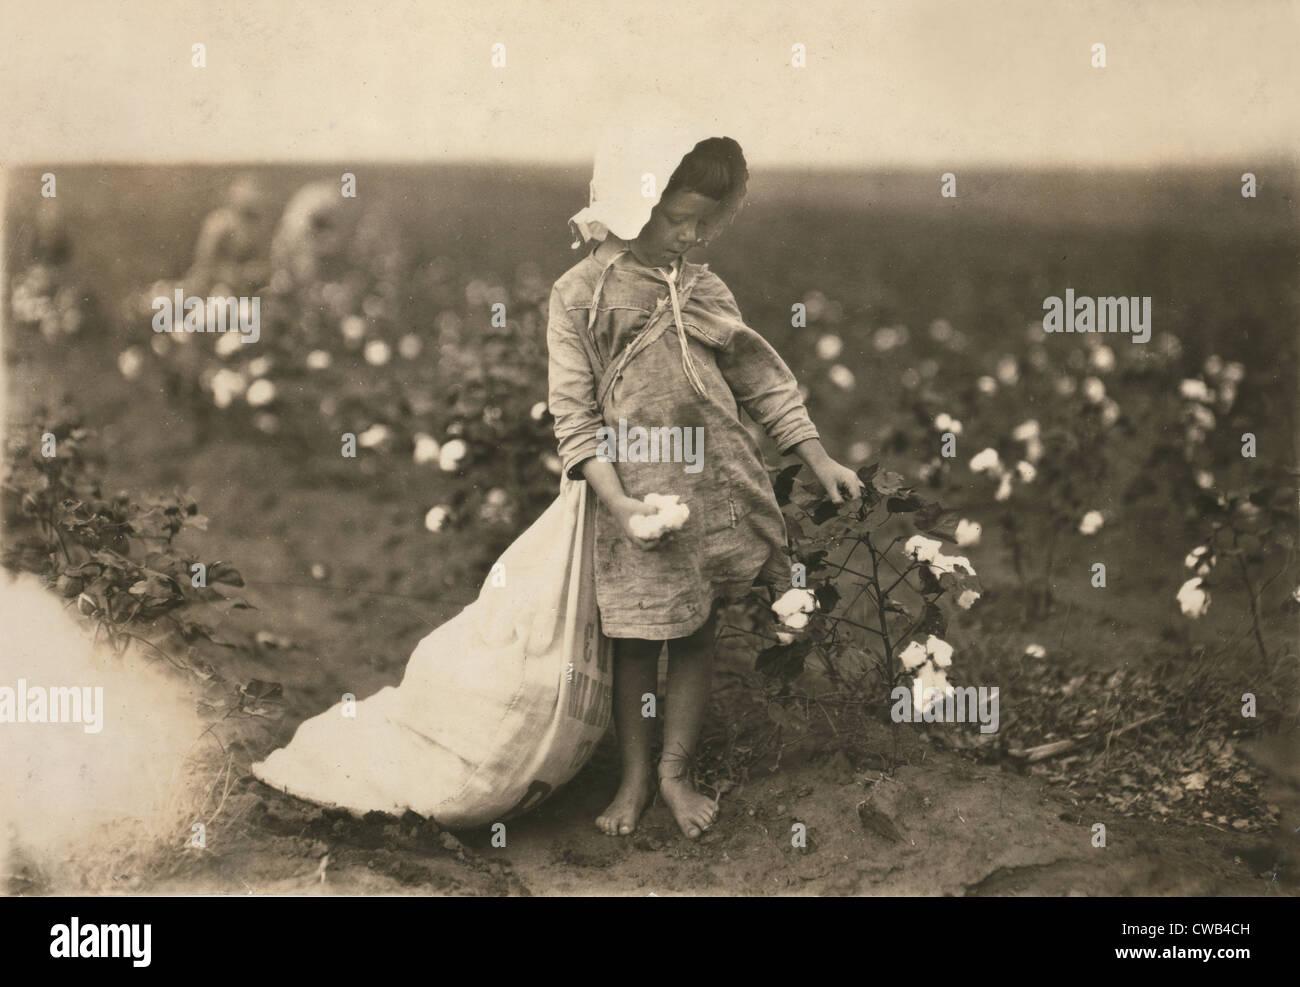 Il lavoro minorile, una giovane ragazza la raccolta del cotone, Vera Hill, 5 anni raccoglie 25 libbre al giorno, Immagini Stock